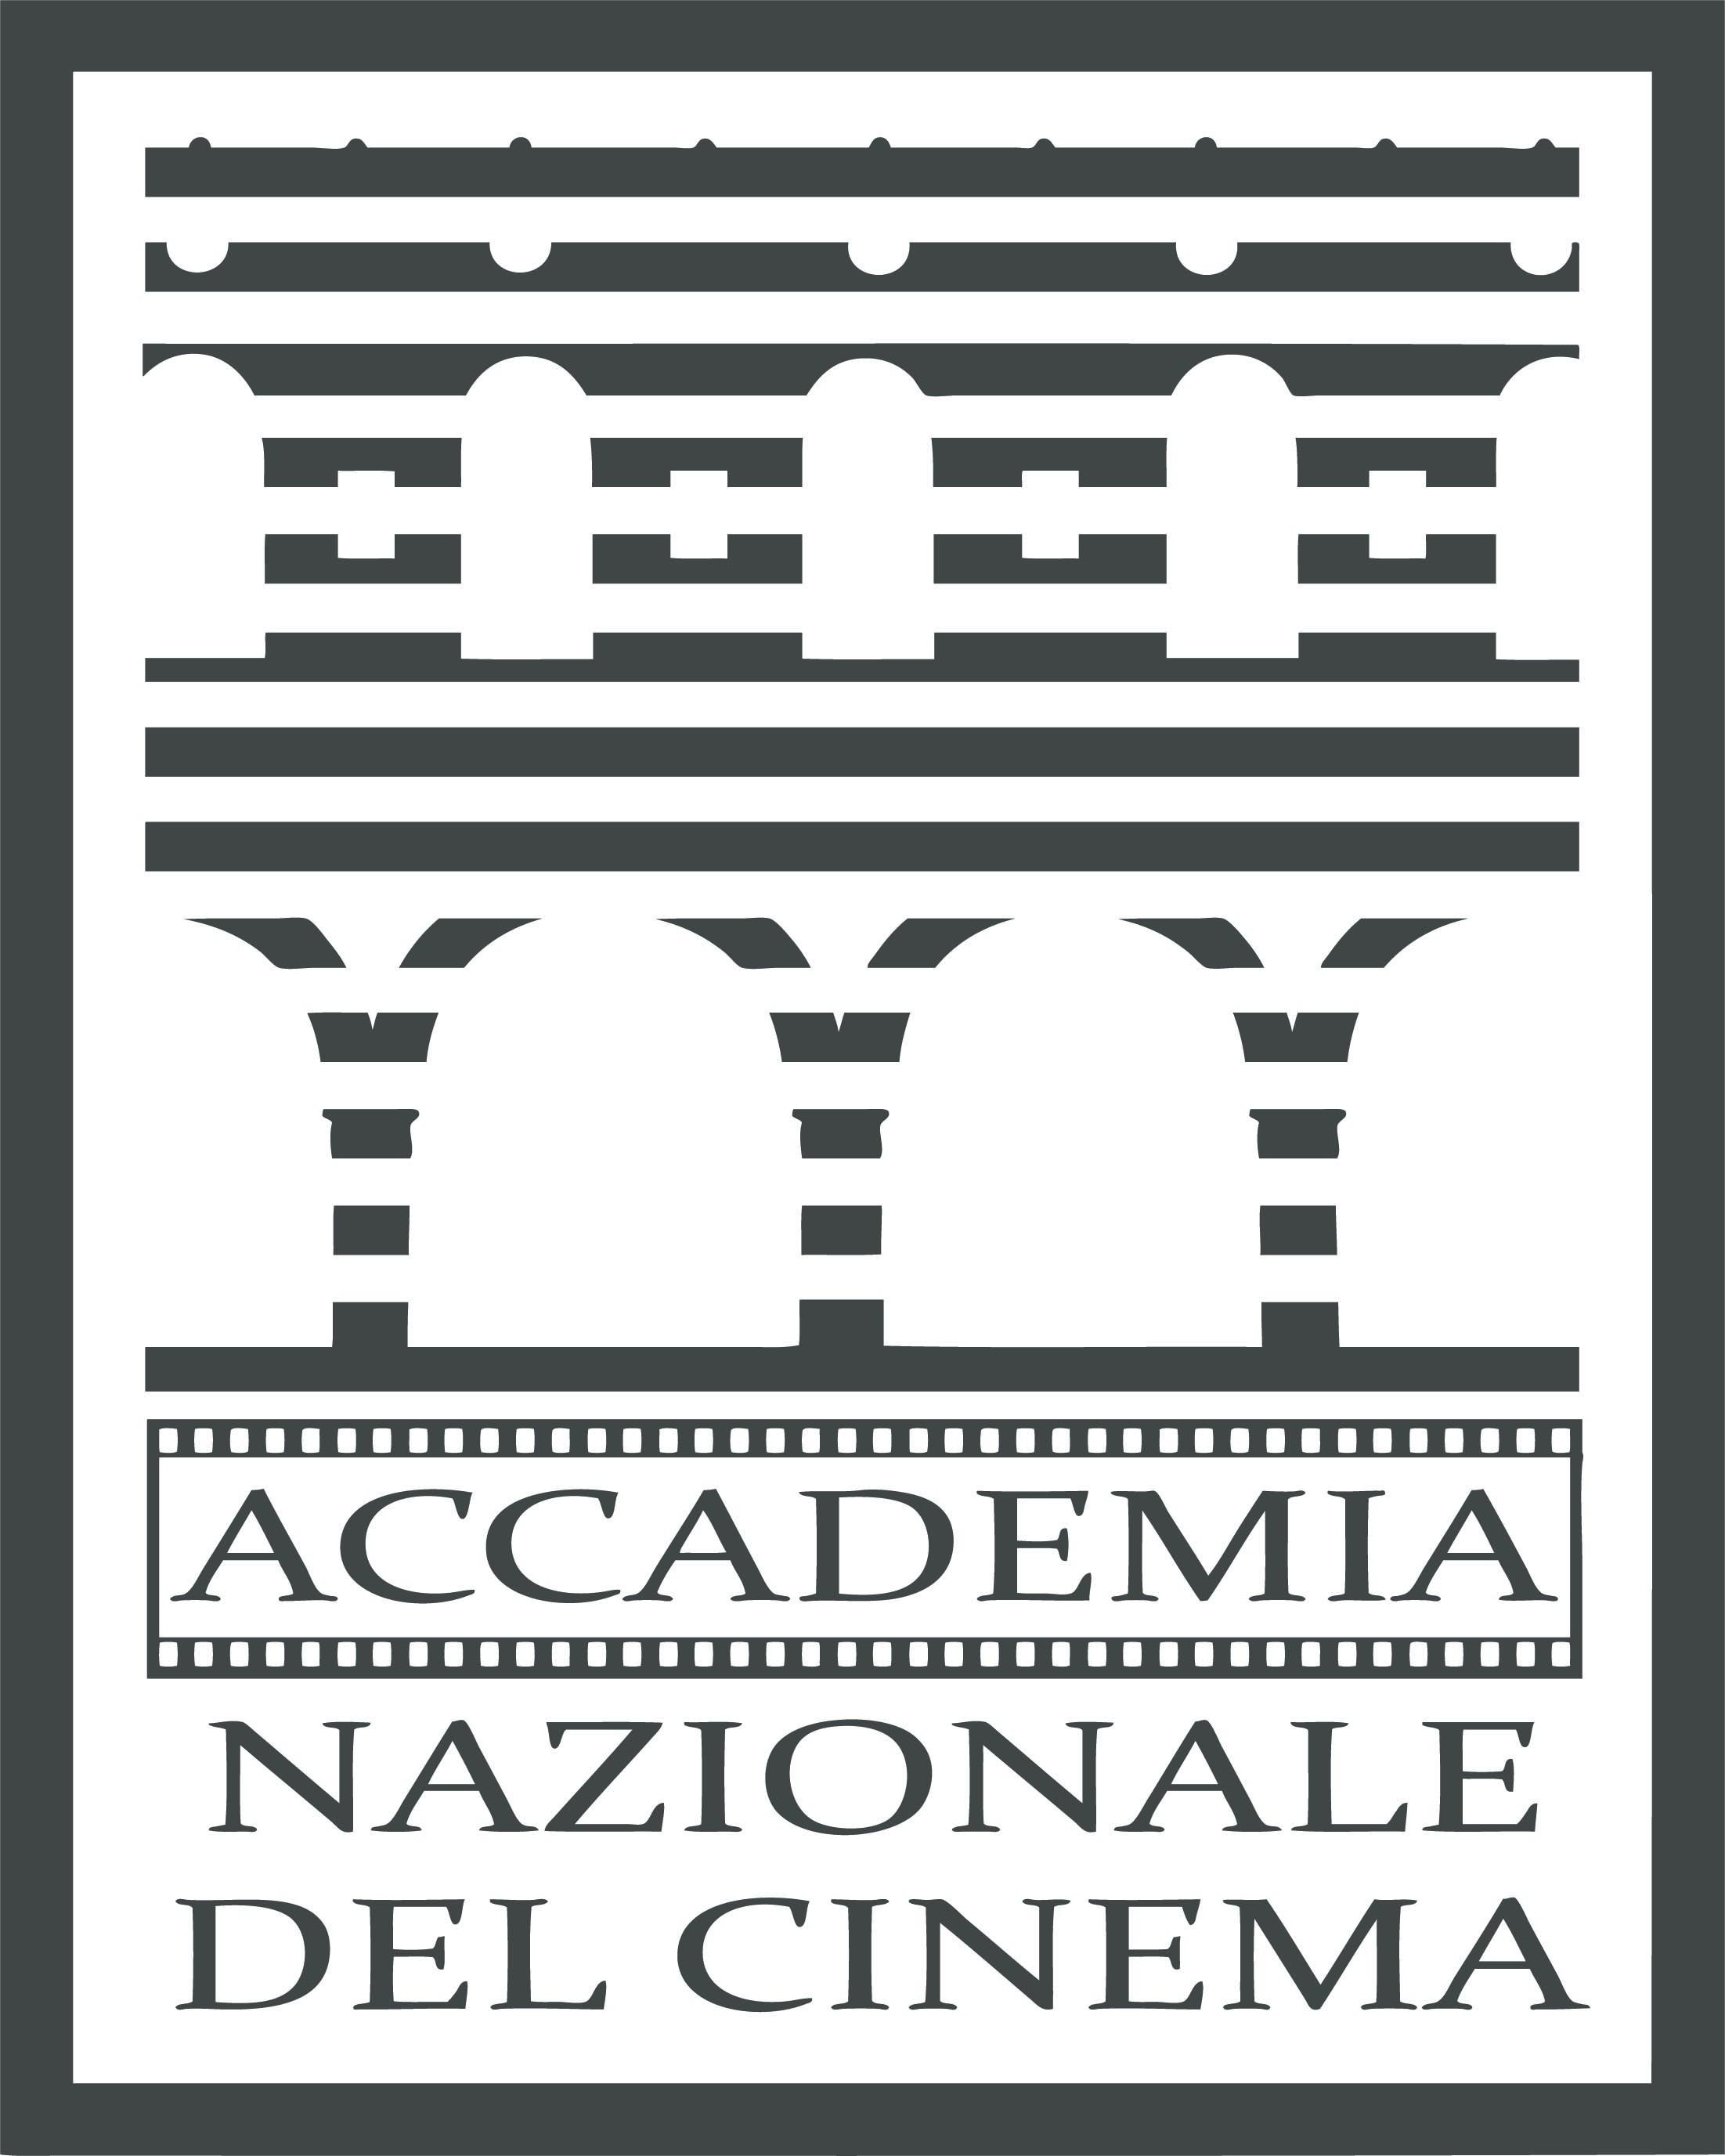 Accademia Nazionale del Cinema di Bologna